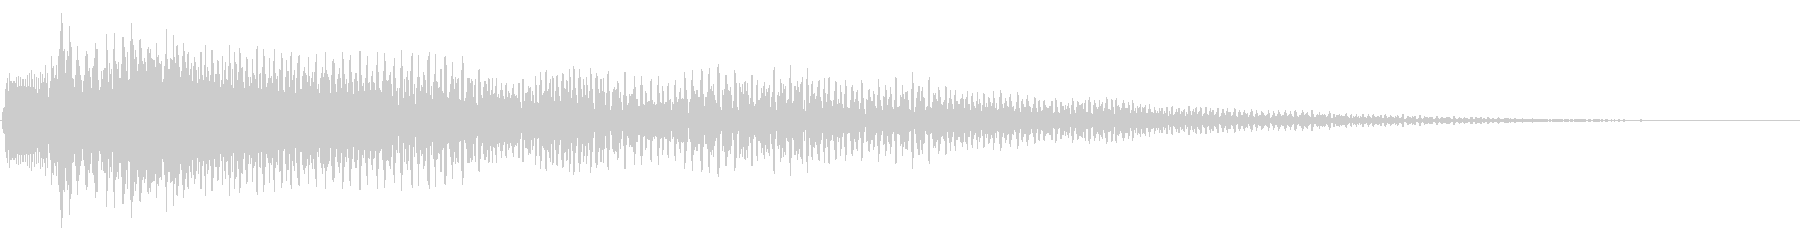 ジャラーン(歪んだ不思議なギターの音)の未再生の波形